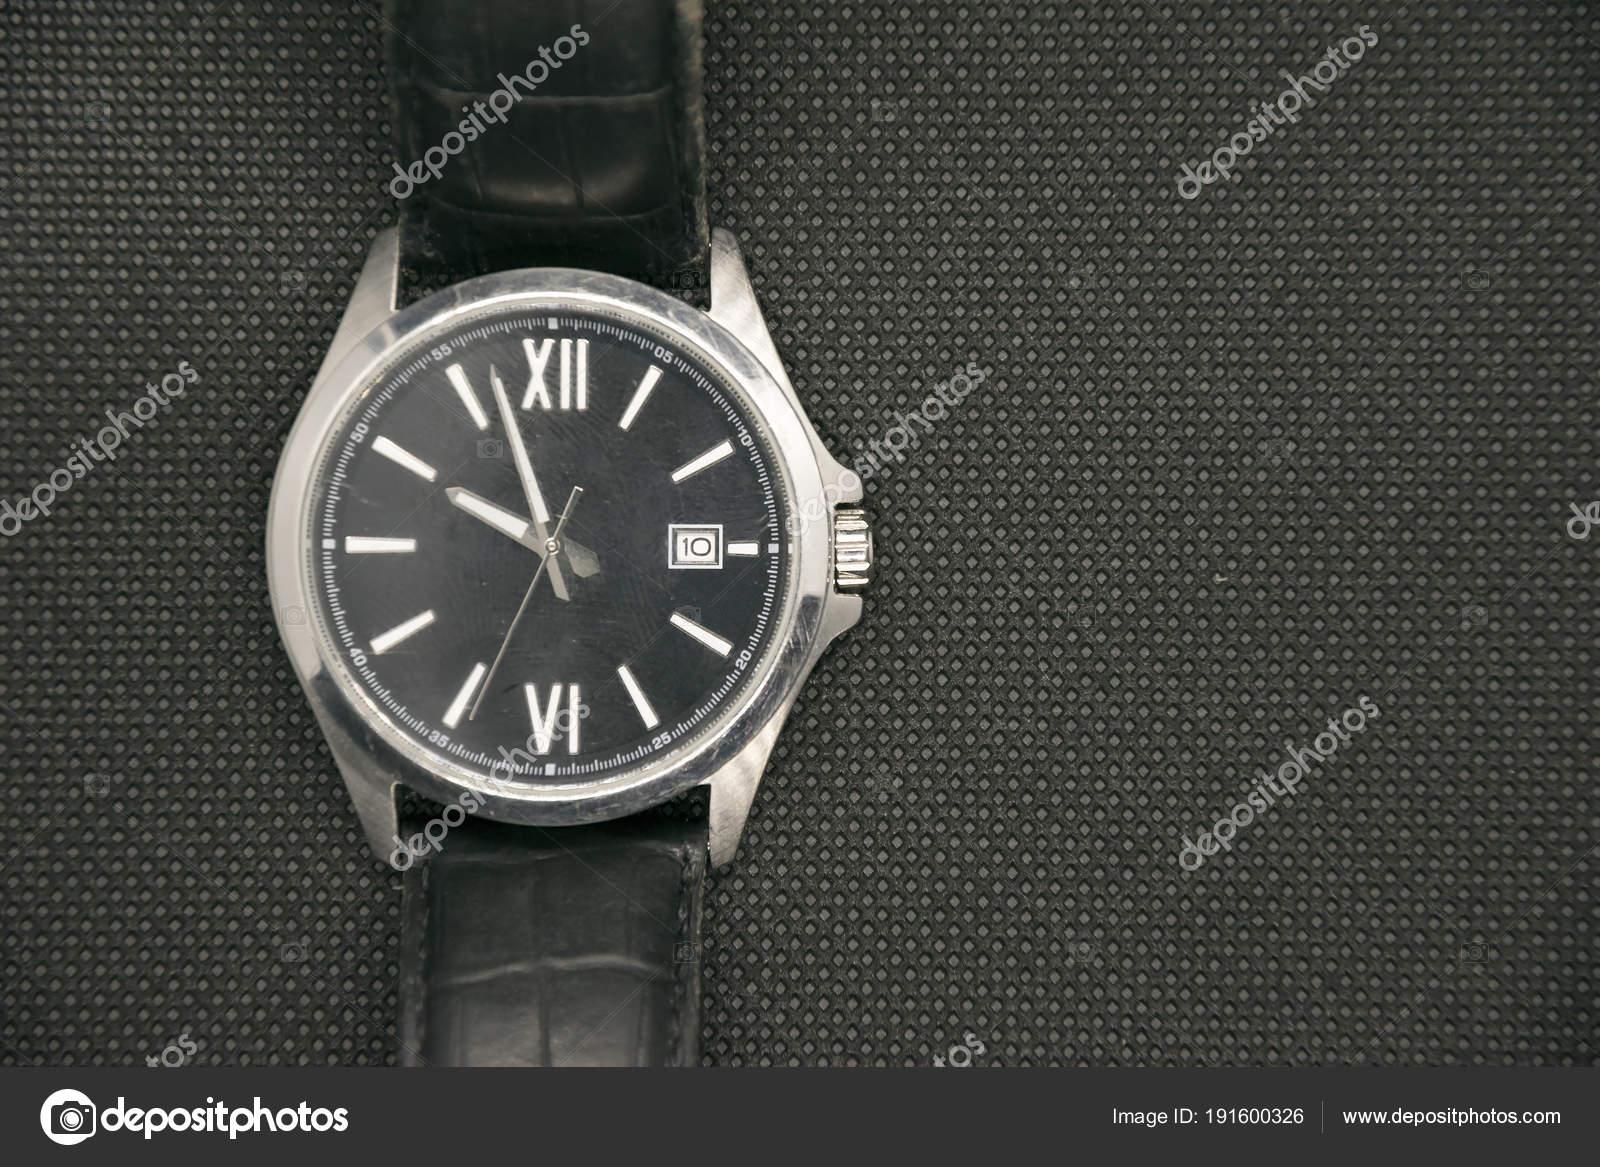 Мужские часы, золото которых подчеркивает стиль современного мужчины